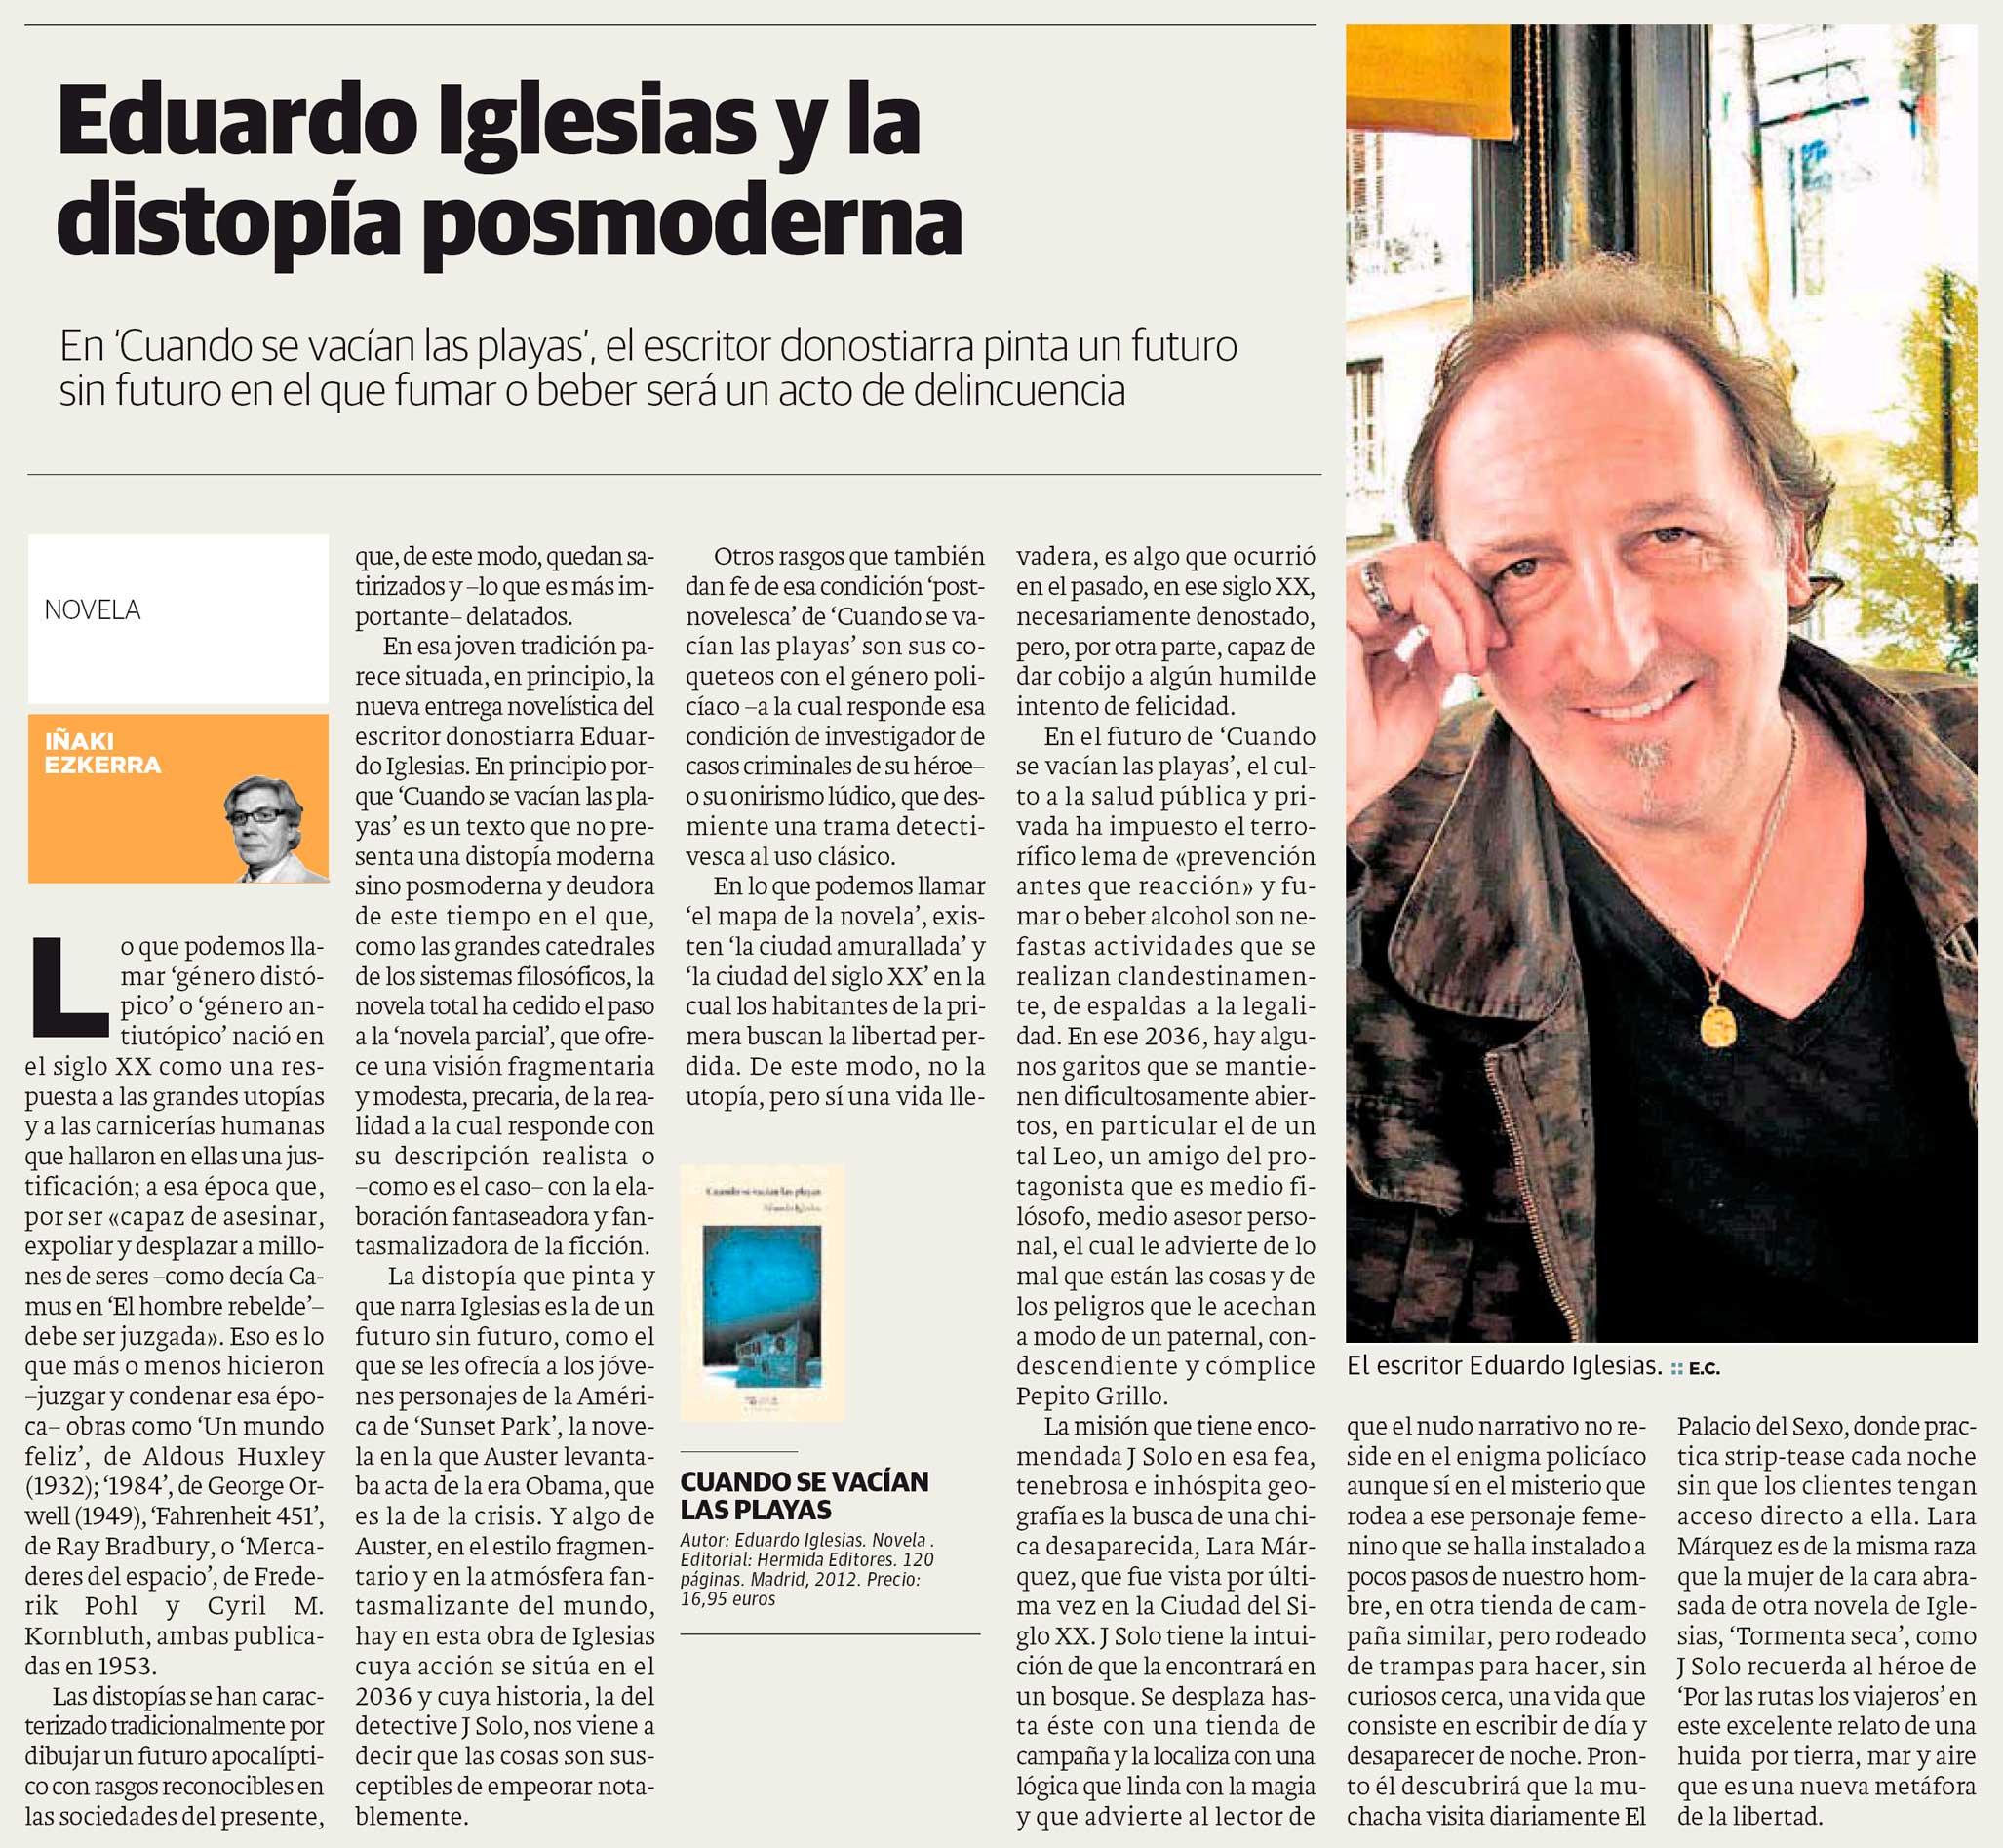 Eduardo Iglesias y la distopía posmoderna, por Iñaki Ezkerra en periódico El Correo